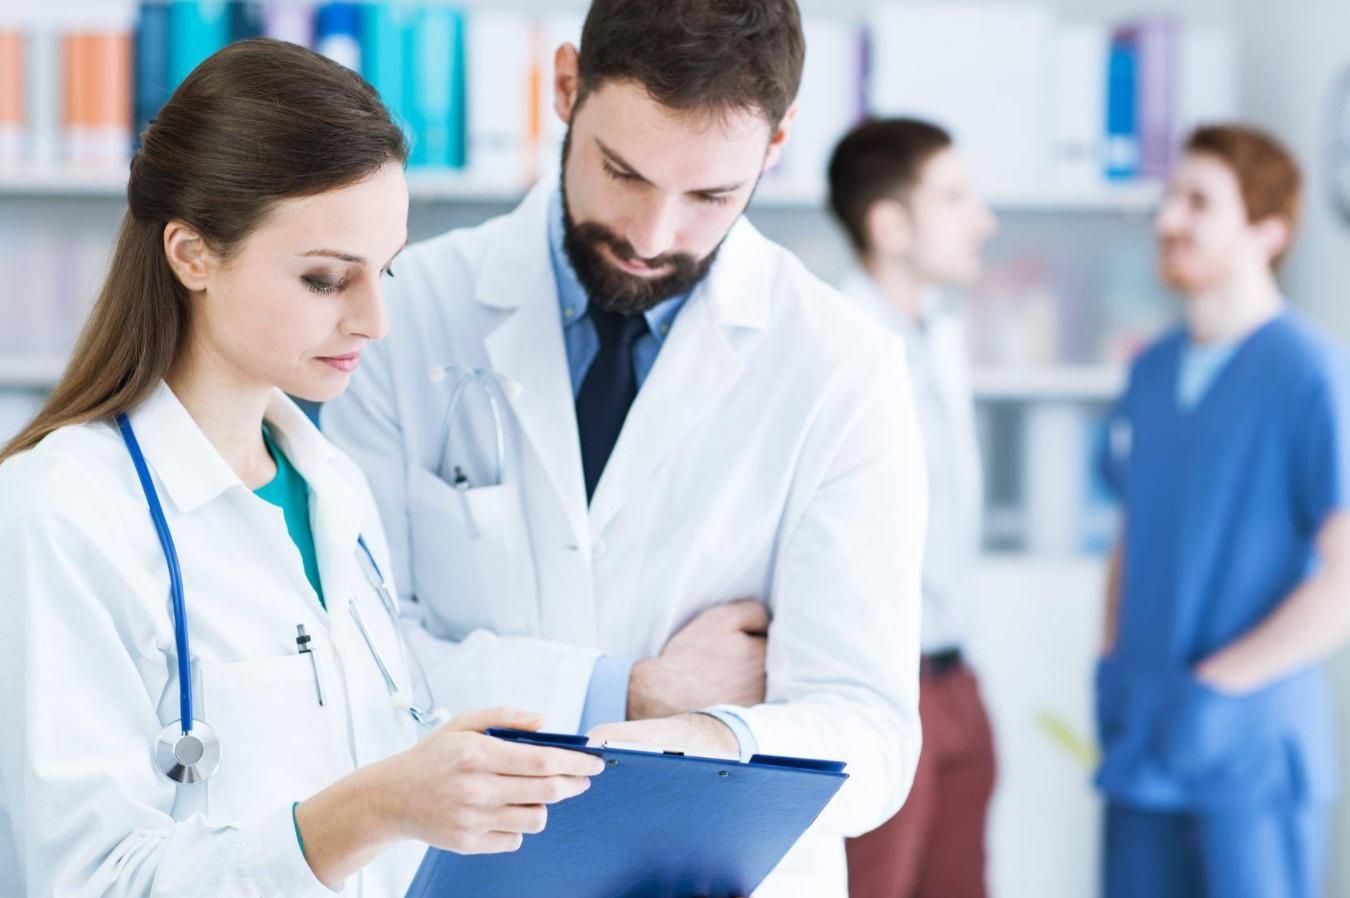 Femme médecin présentant un document à un homme médecin